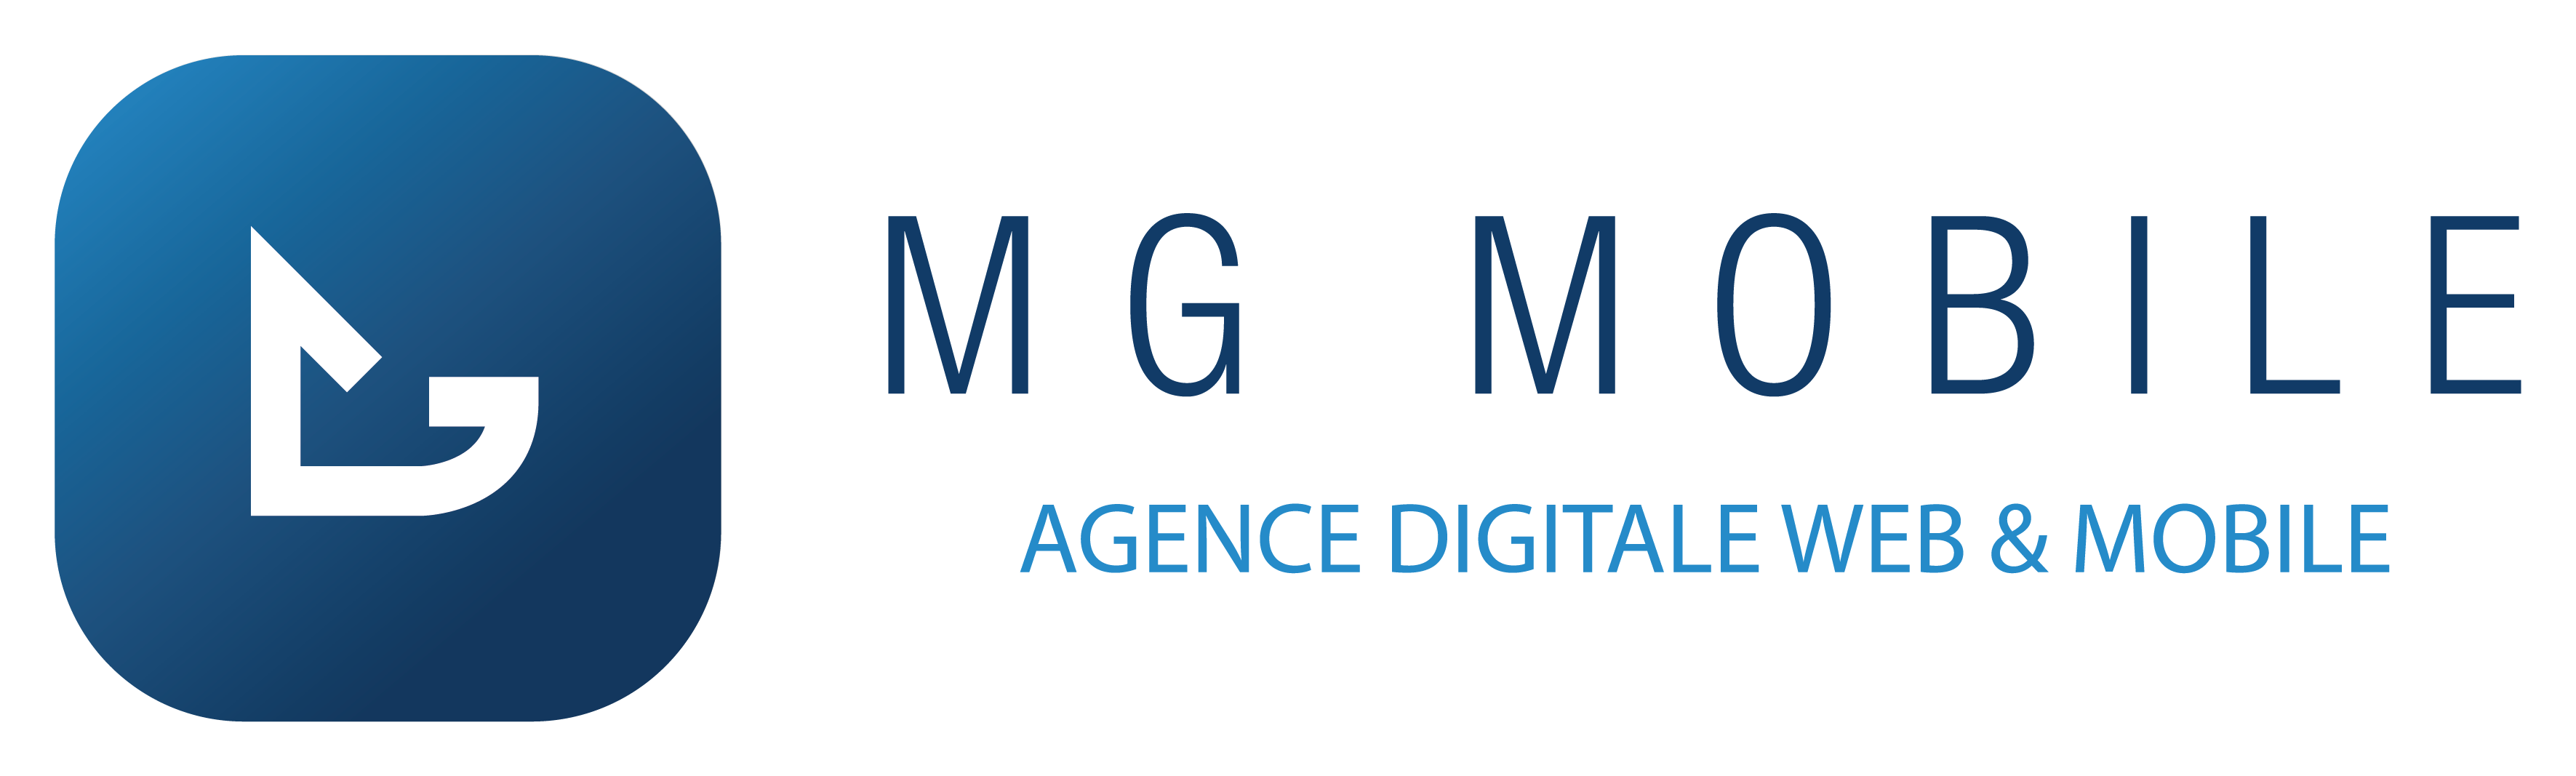 Agence Digitale Web et Mobile à Paris   MG Mobile e695f32f0f7